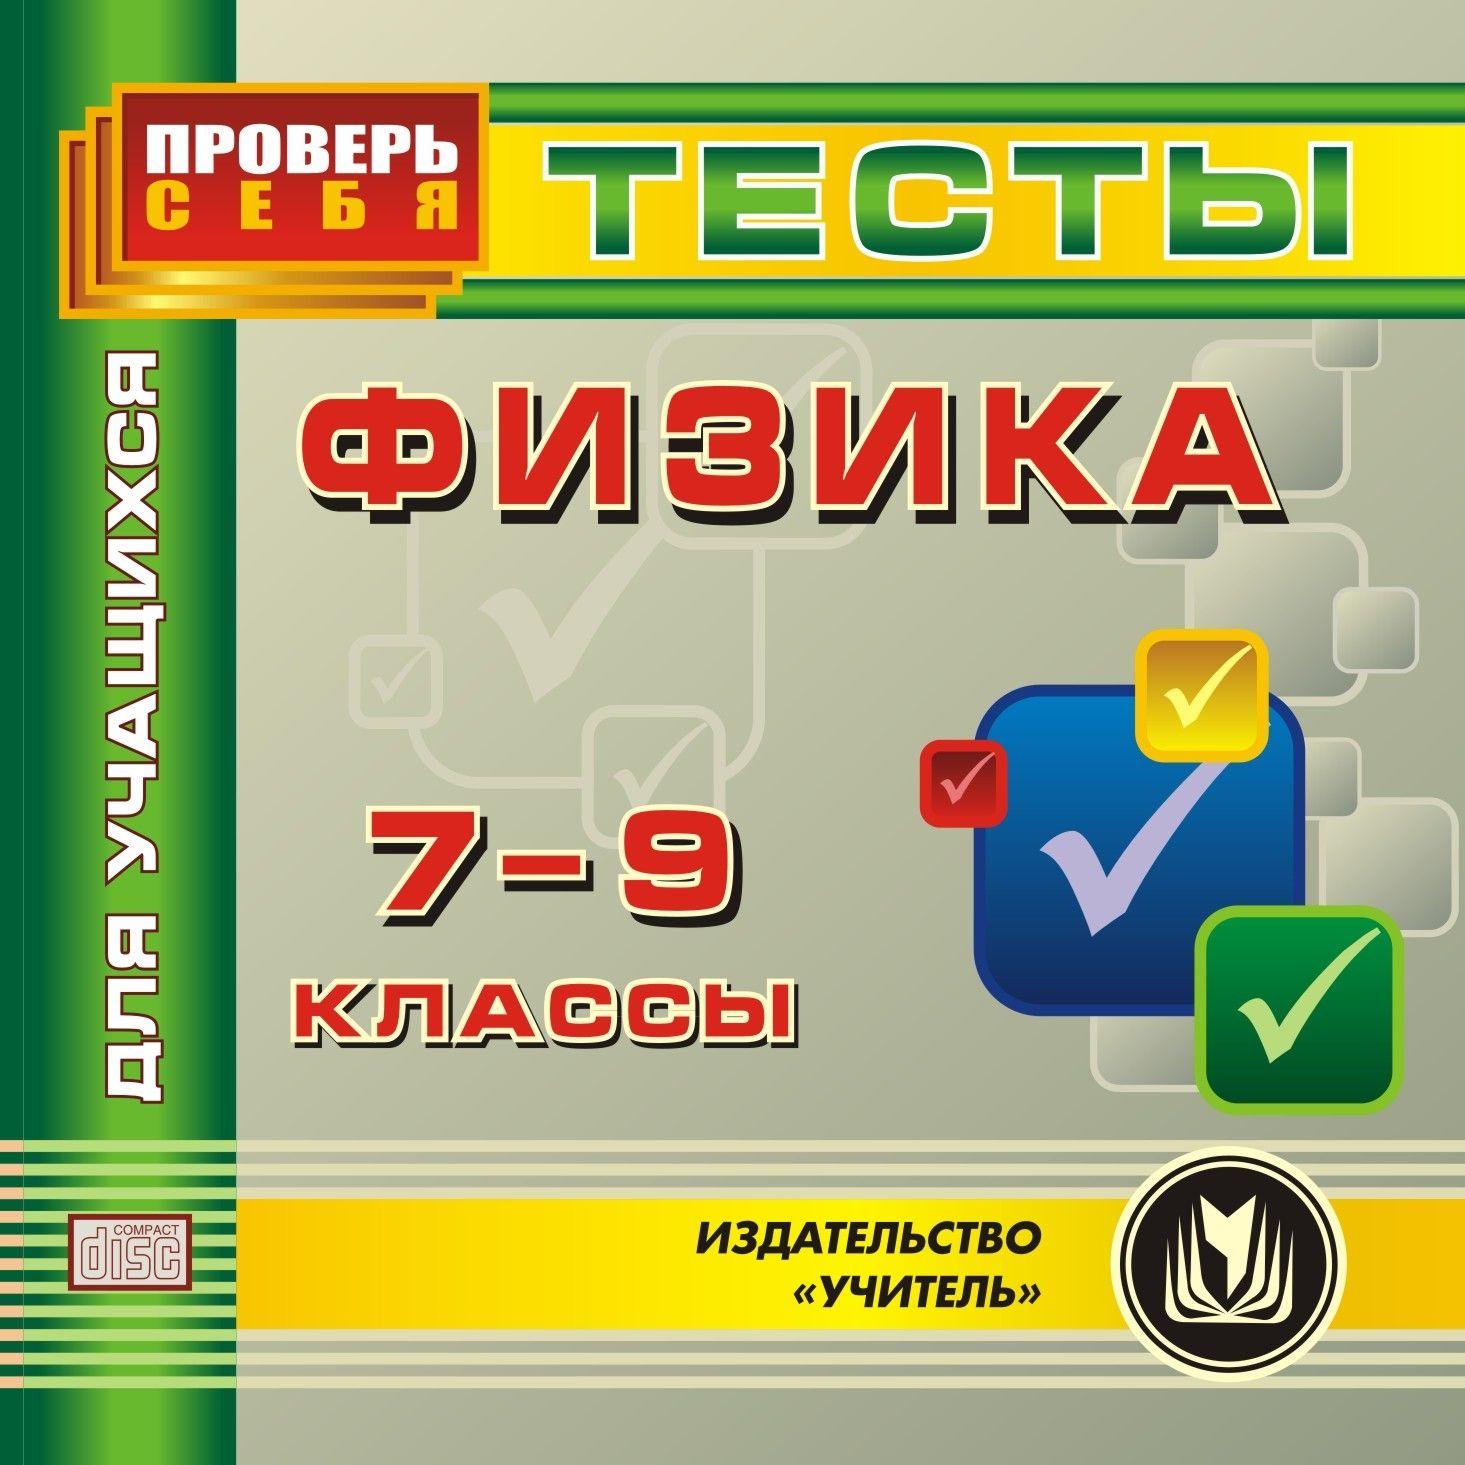 Физика. 7-9 классы. Тесты для учащихся. Компакт-диск для компьютераСредняя школа<br>Предлагаемый компакт-диск - современное электронное пособие, которое поможет учащимся в организации самопроверки знаний по основным темам курса физики.Представленные на диске тесты предназначены учащимся 7-9 классов общеобразовательных школ, гимназий и ли...<br><br>Авторы: Шевцов В. А.<br>Год: 2011<br>Серия: Проверь себя<br>Высота: 125<br>Ширина: 141<br>Толщина: 10